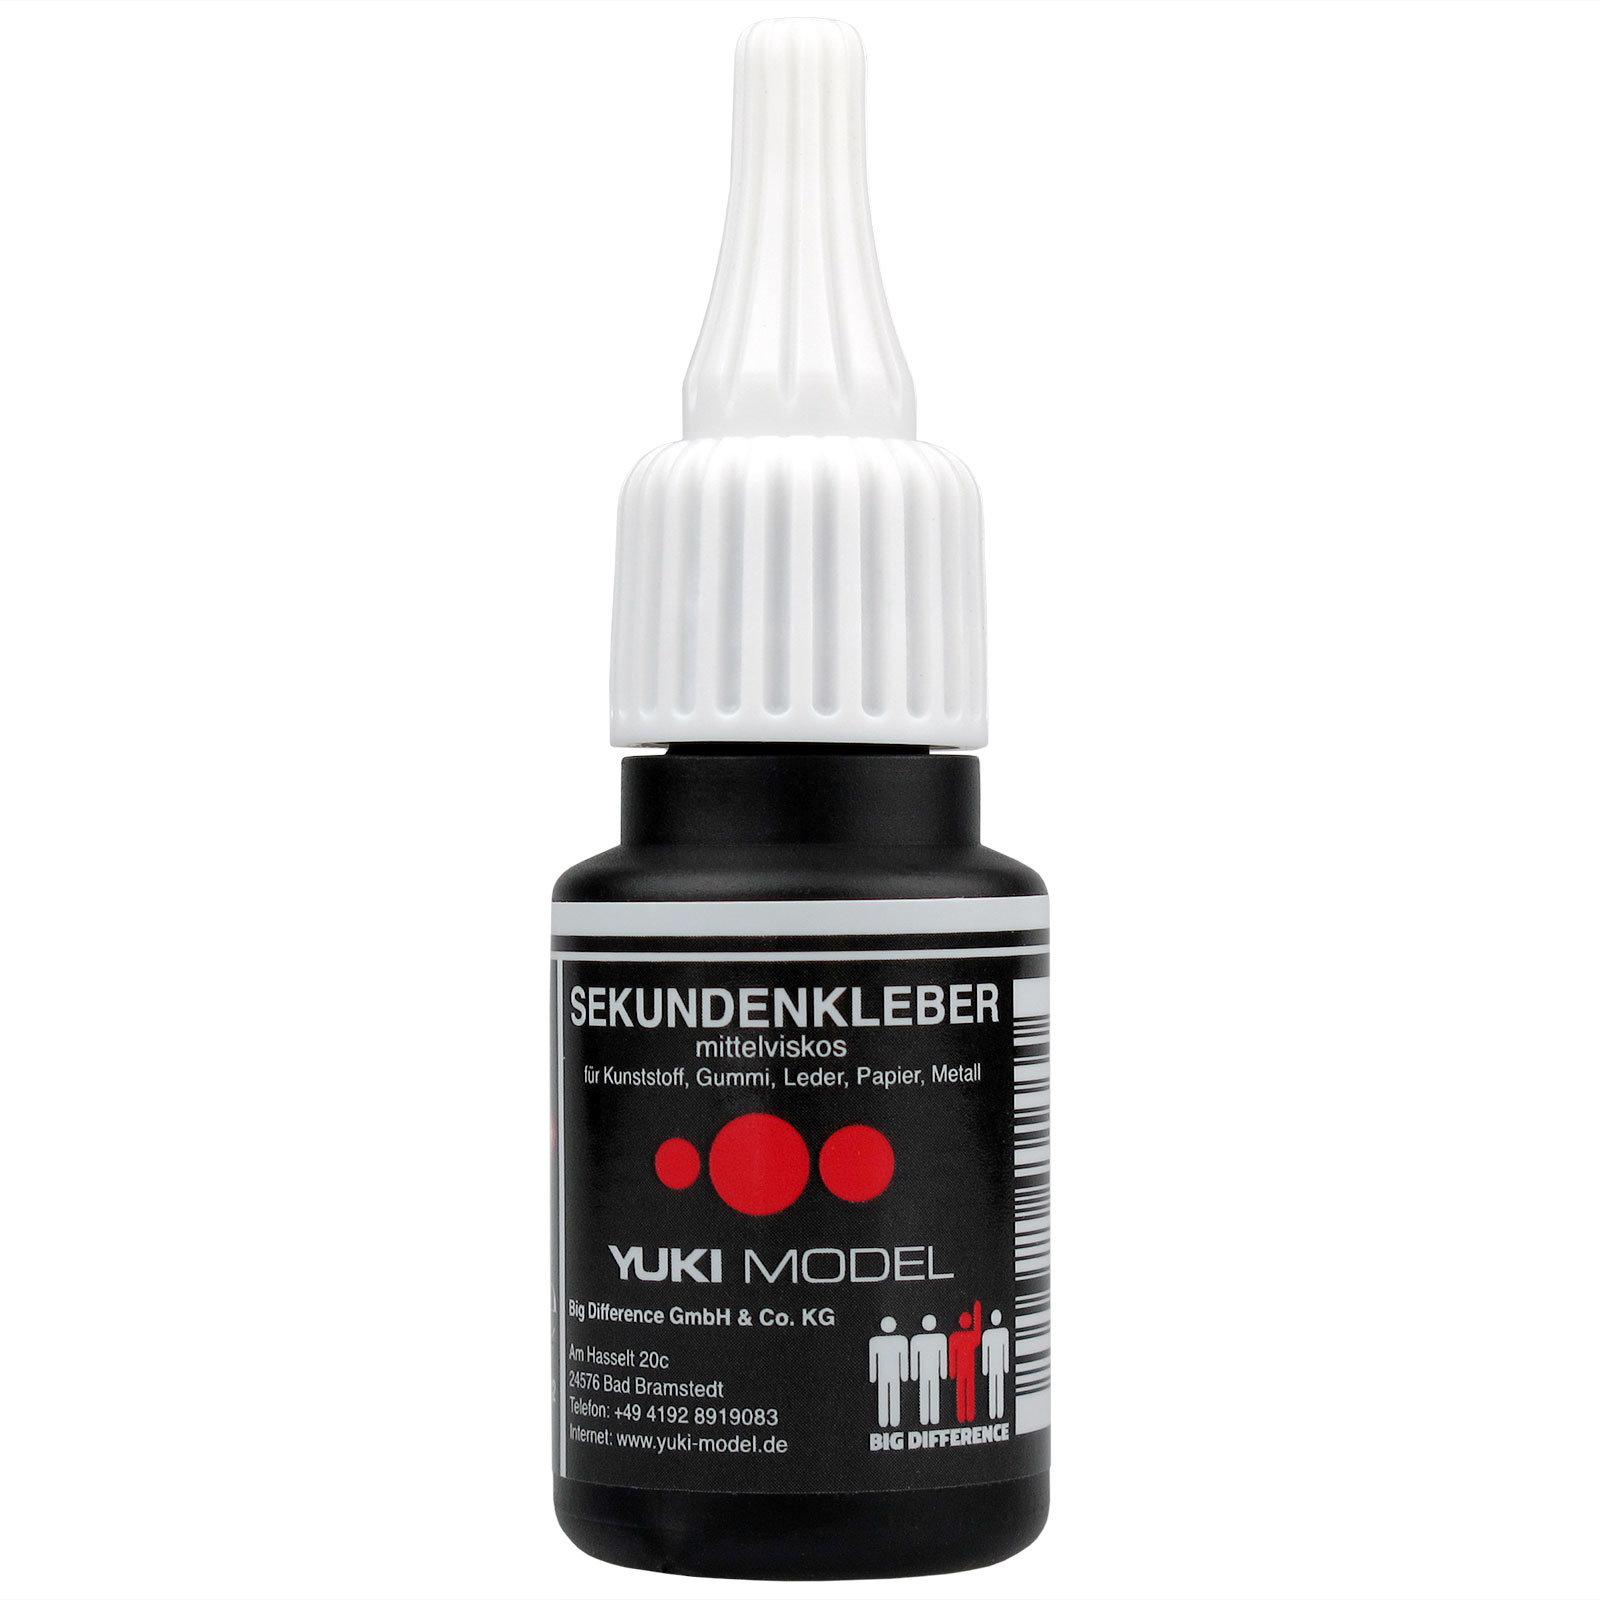 Sekundenkleber Cyanacrylat Superkleber 20g UV Protect Flasche dünnflüssig wasserfest schnell trocken